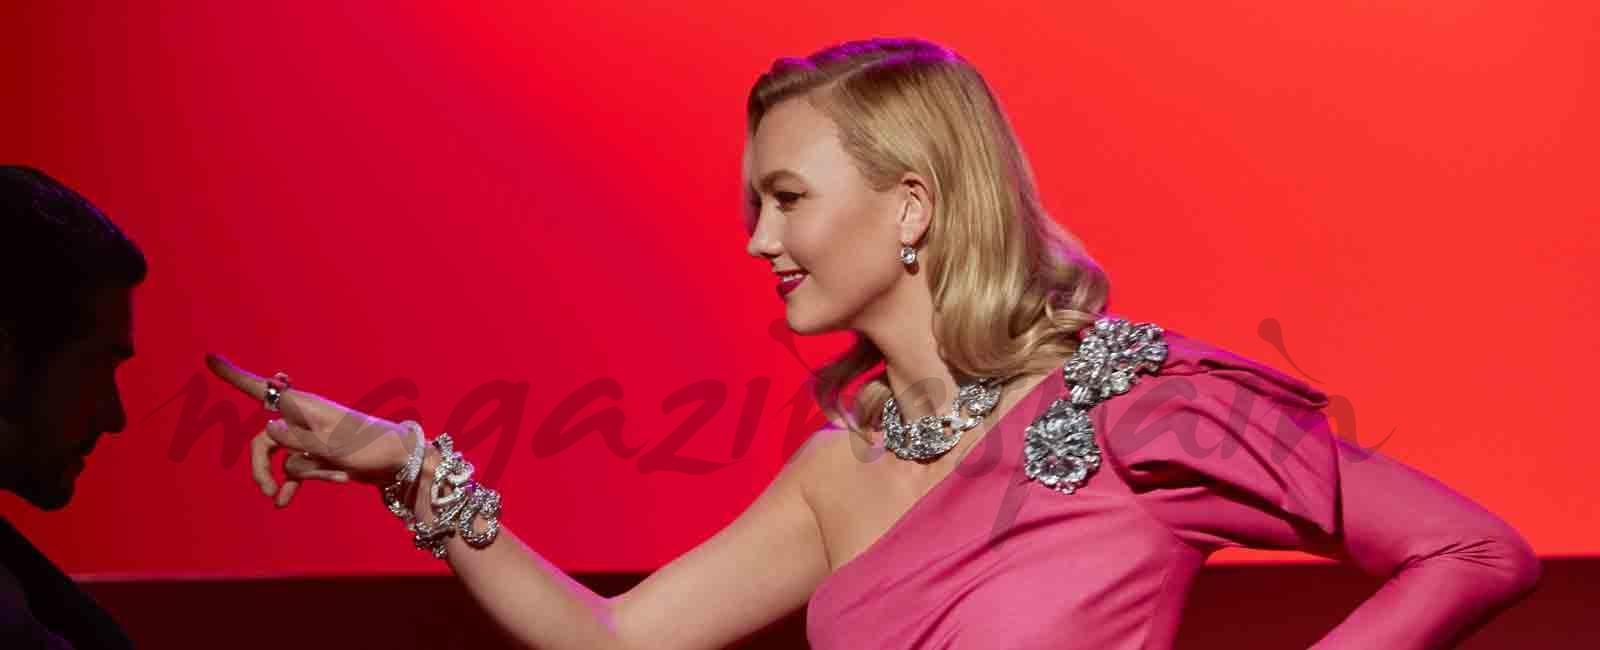 Karlie Kloss se tranforma en Marilyn Monroe y Audrey Hepburn